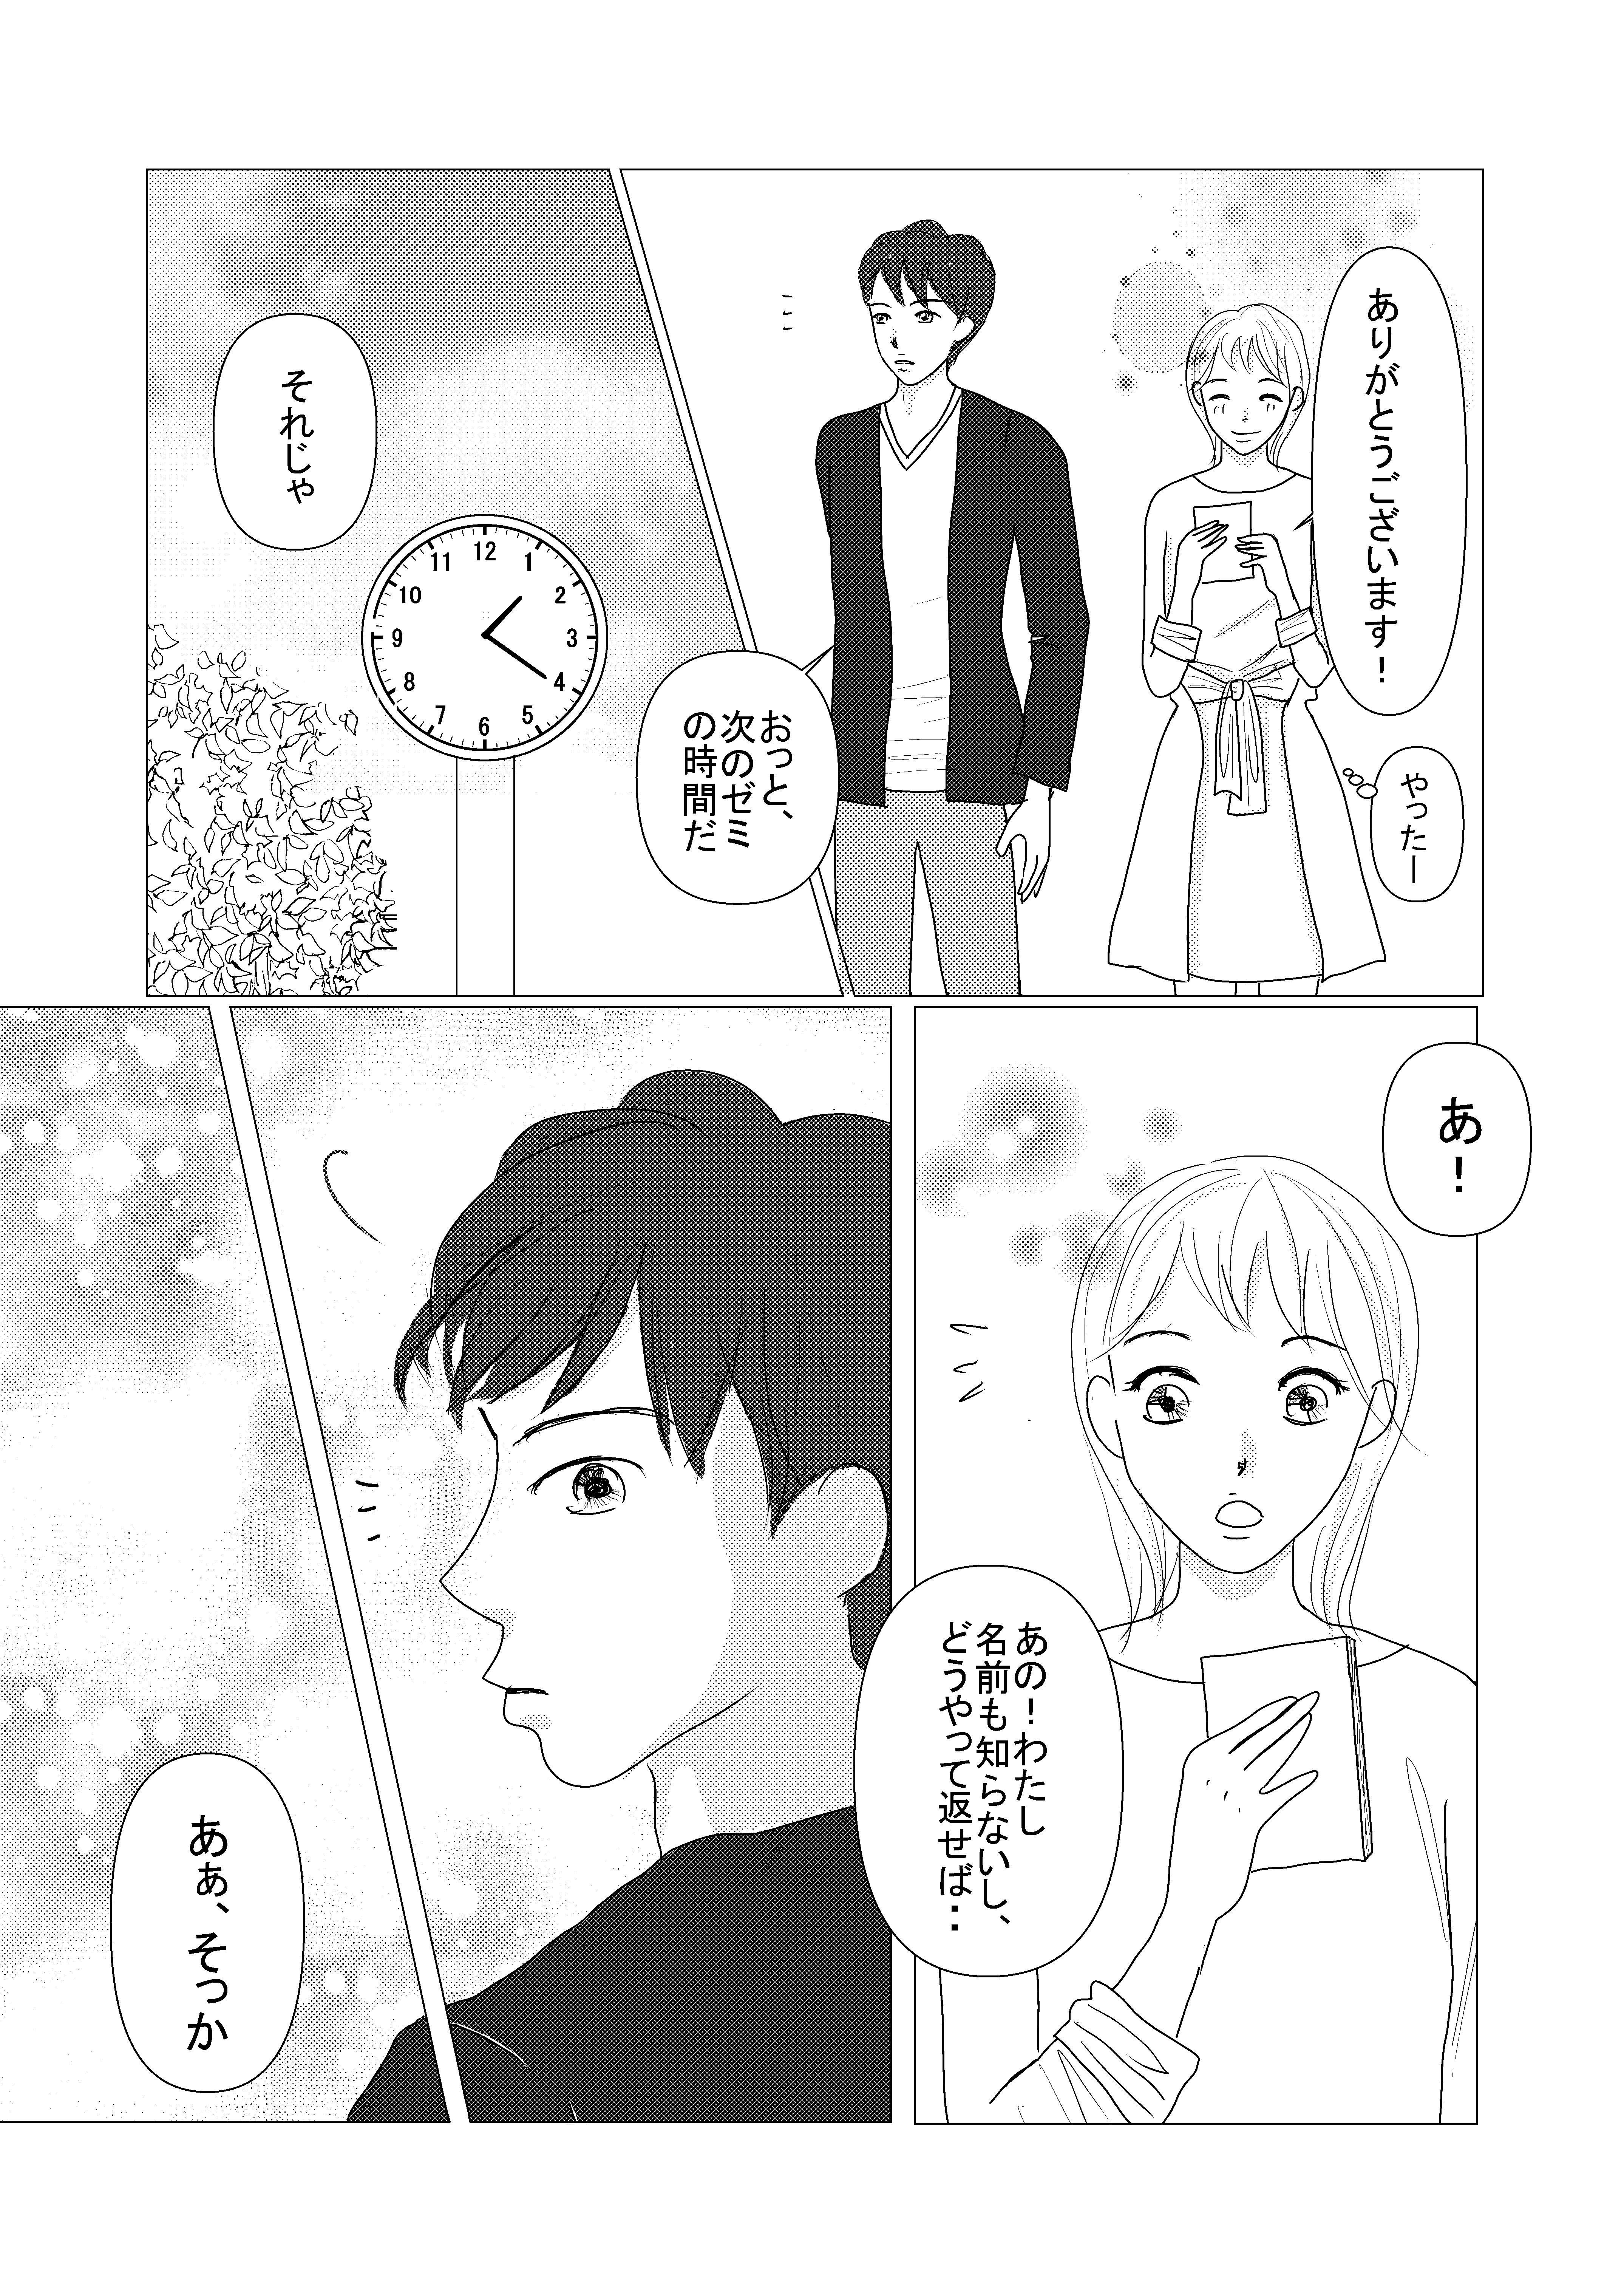 恋愛漫画/大学生/社会人/大学生で初めて付き合う/shoujyo manga/米加夢/37ページ